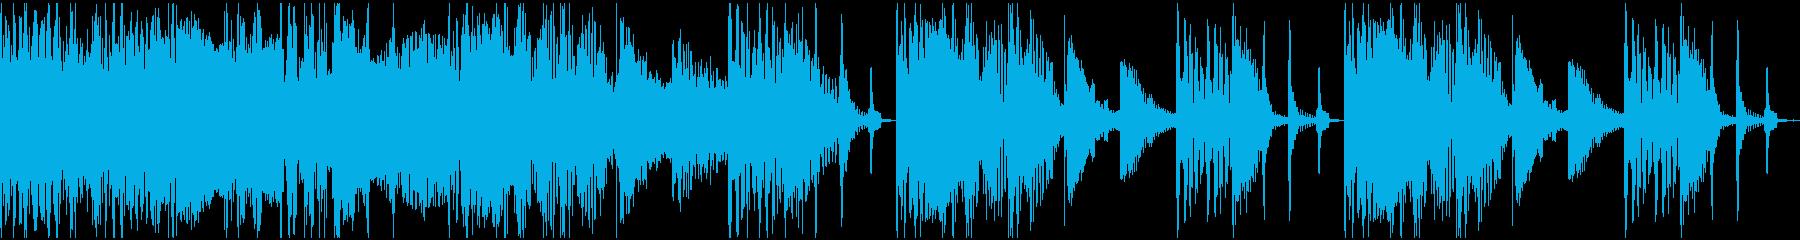 【エレクトロニカ】ロング4、ショート2の再生済みの波形